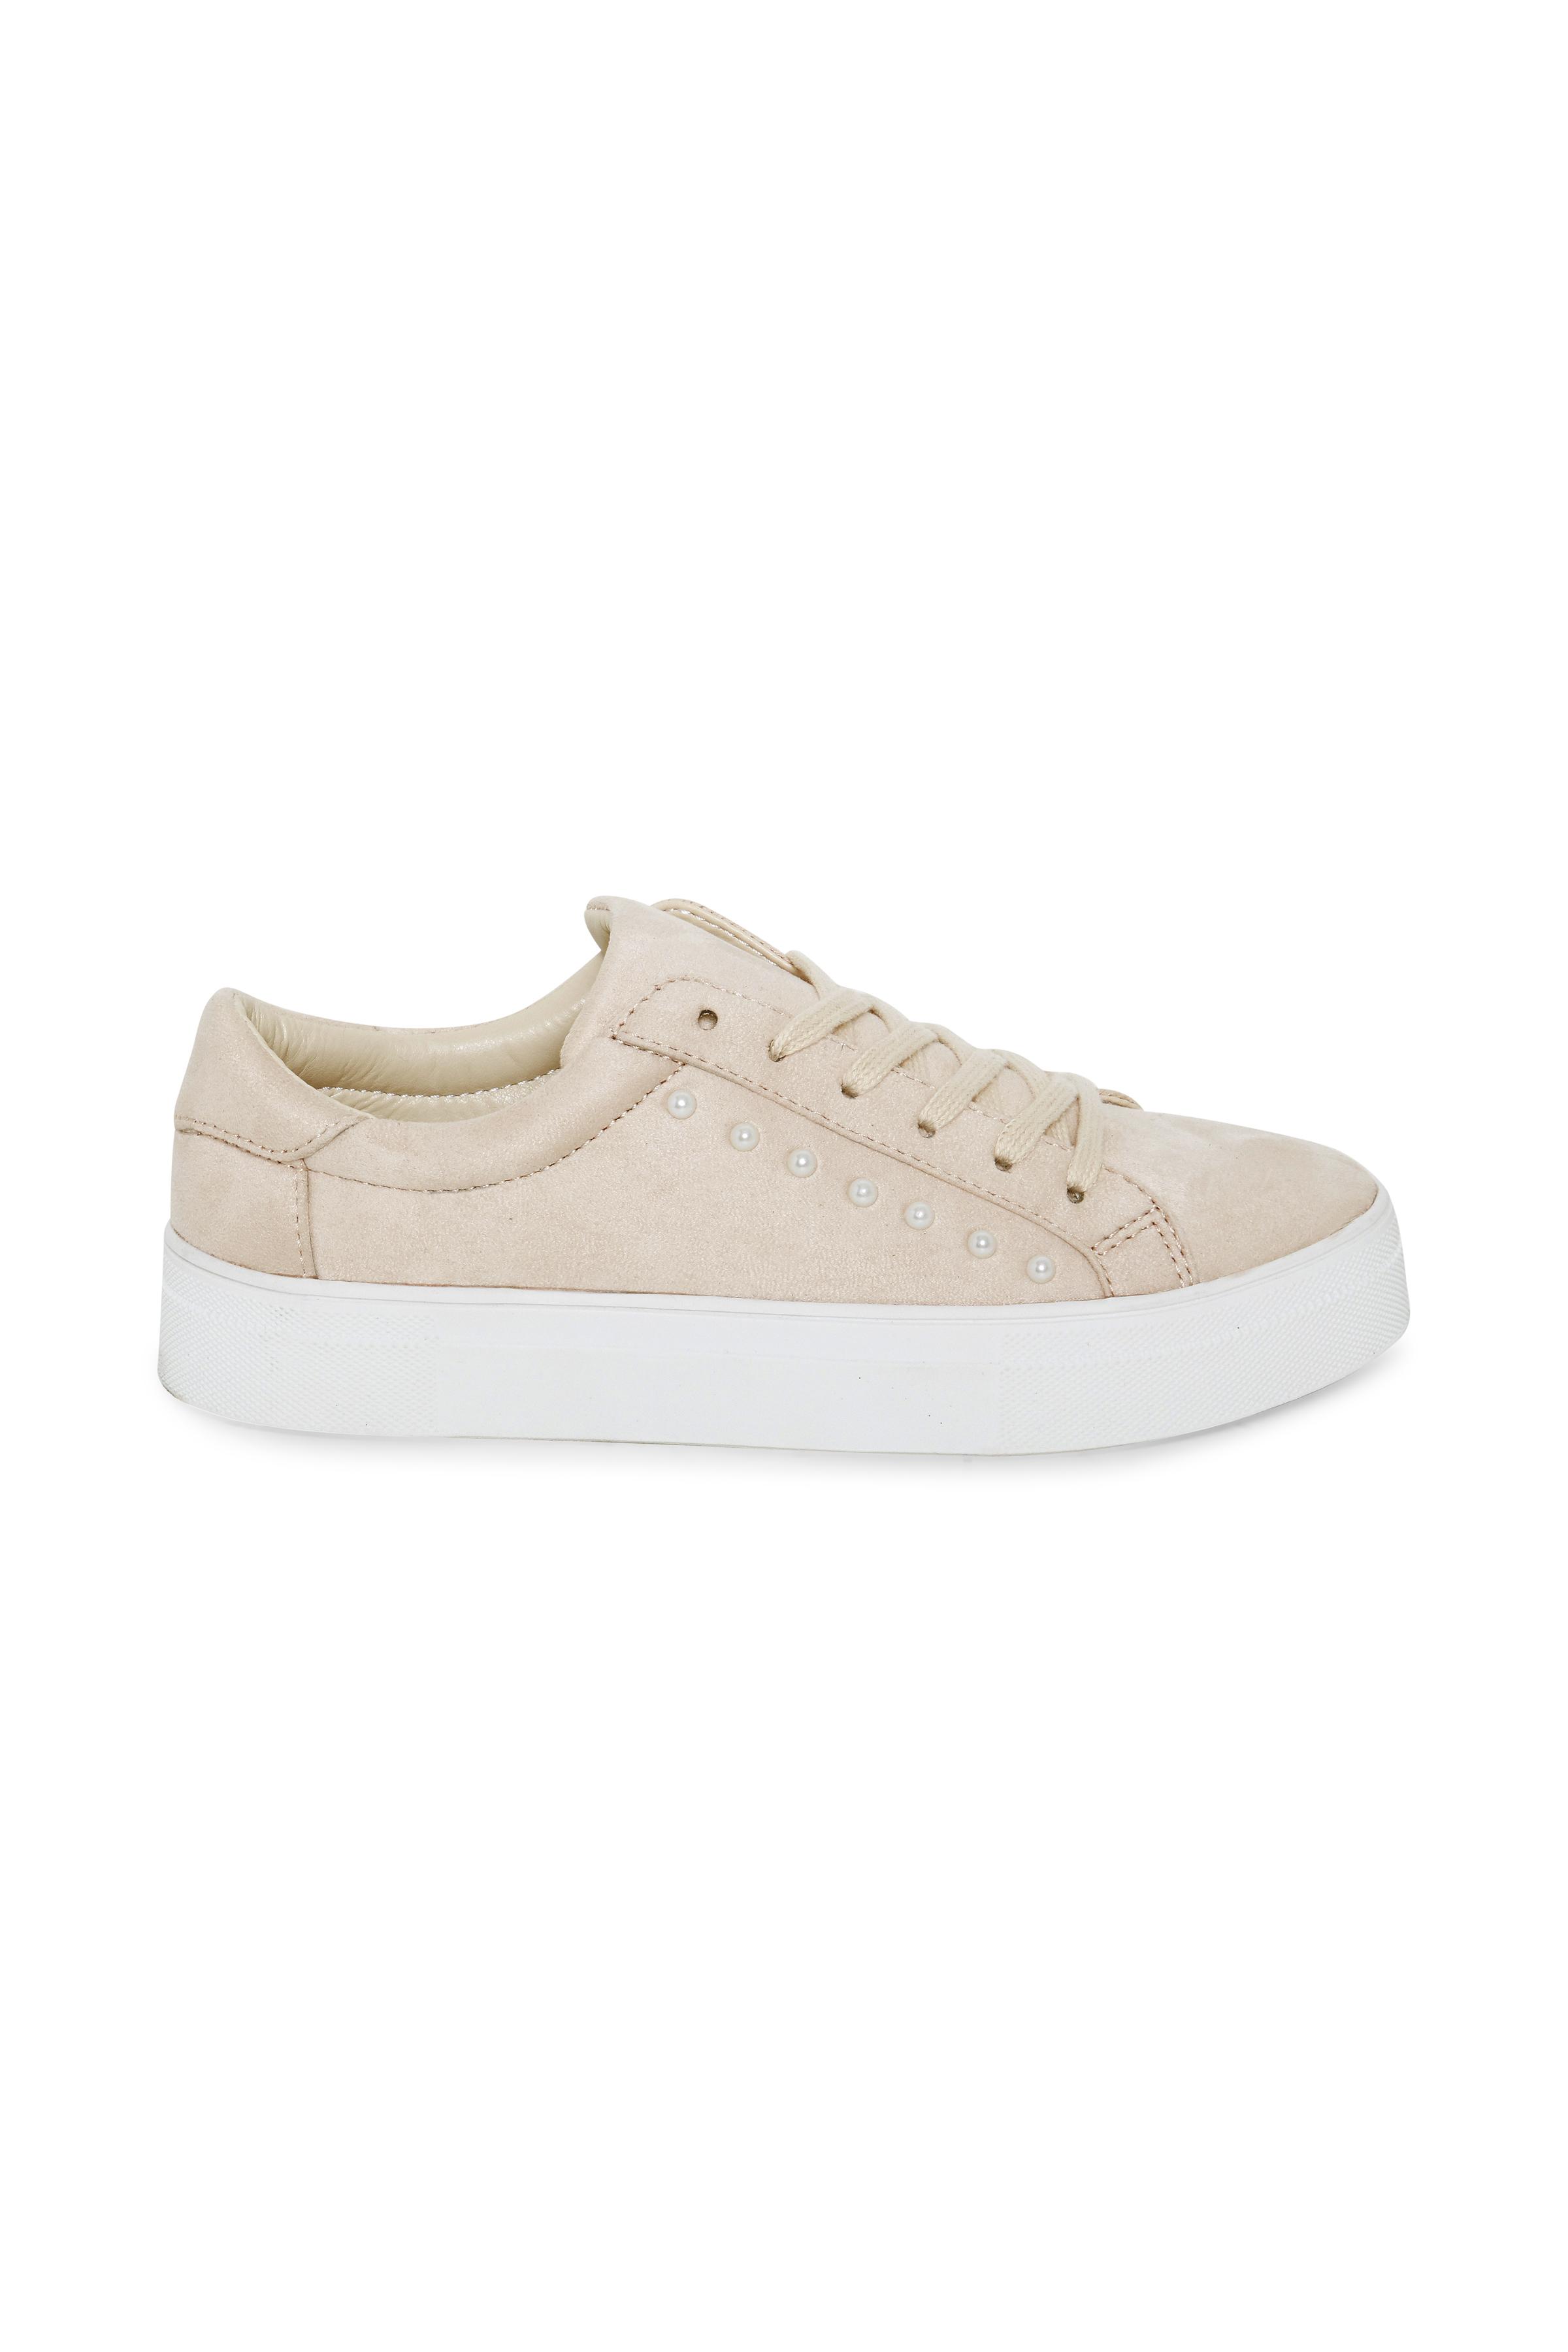 Staubrosa Schuh von Ichi - accessories – Shoppen Sie Staubrosa Schuh ab Gr. 36-41 hier